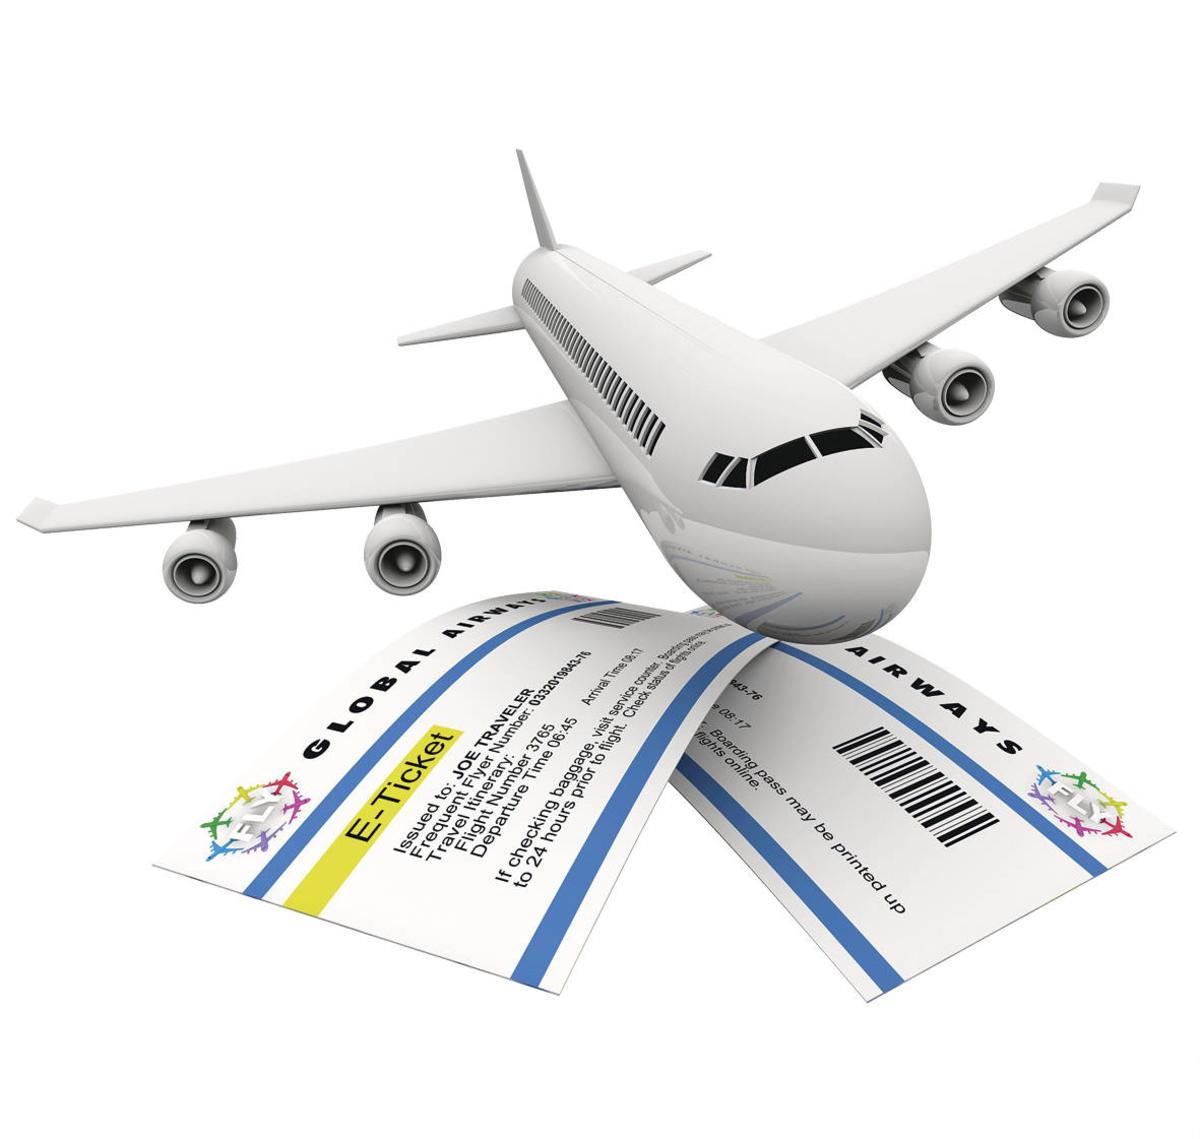 Tickets.pl — оператор по онлайн продаже авиабилетов